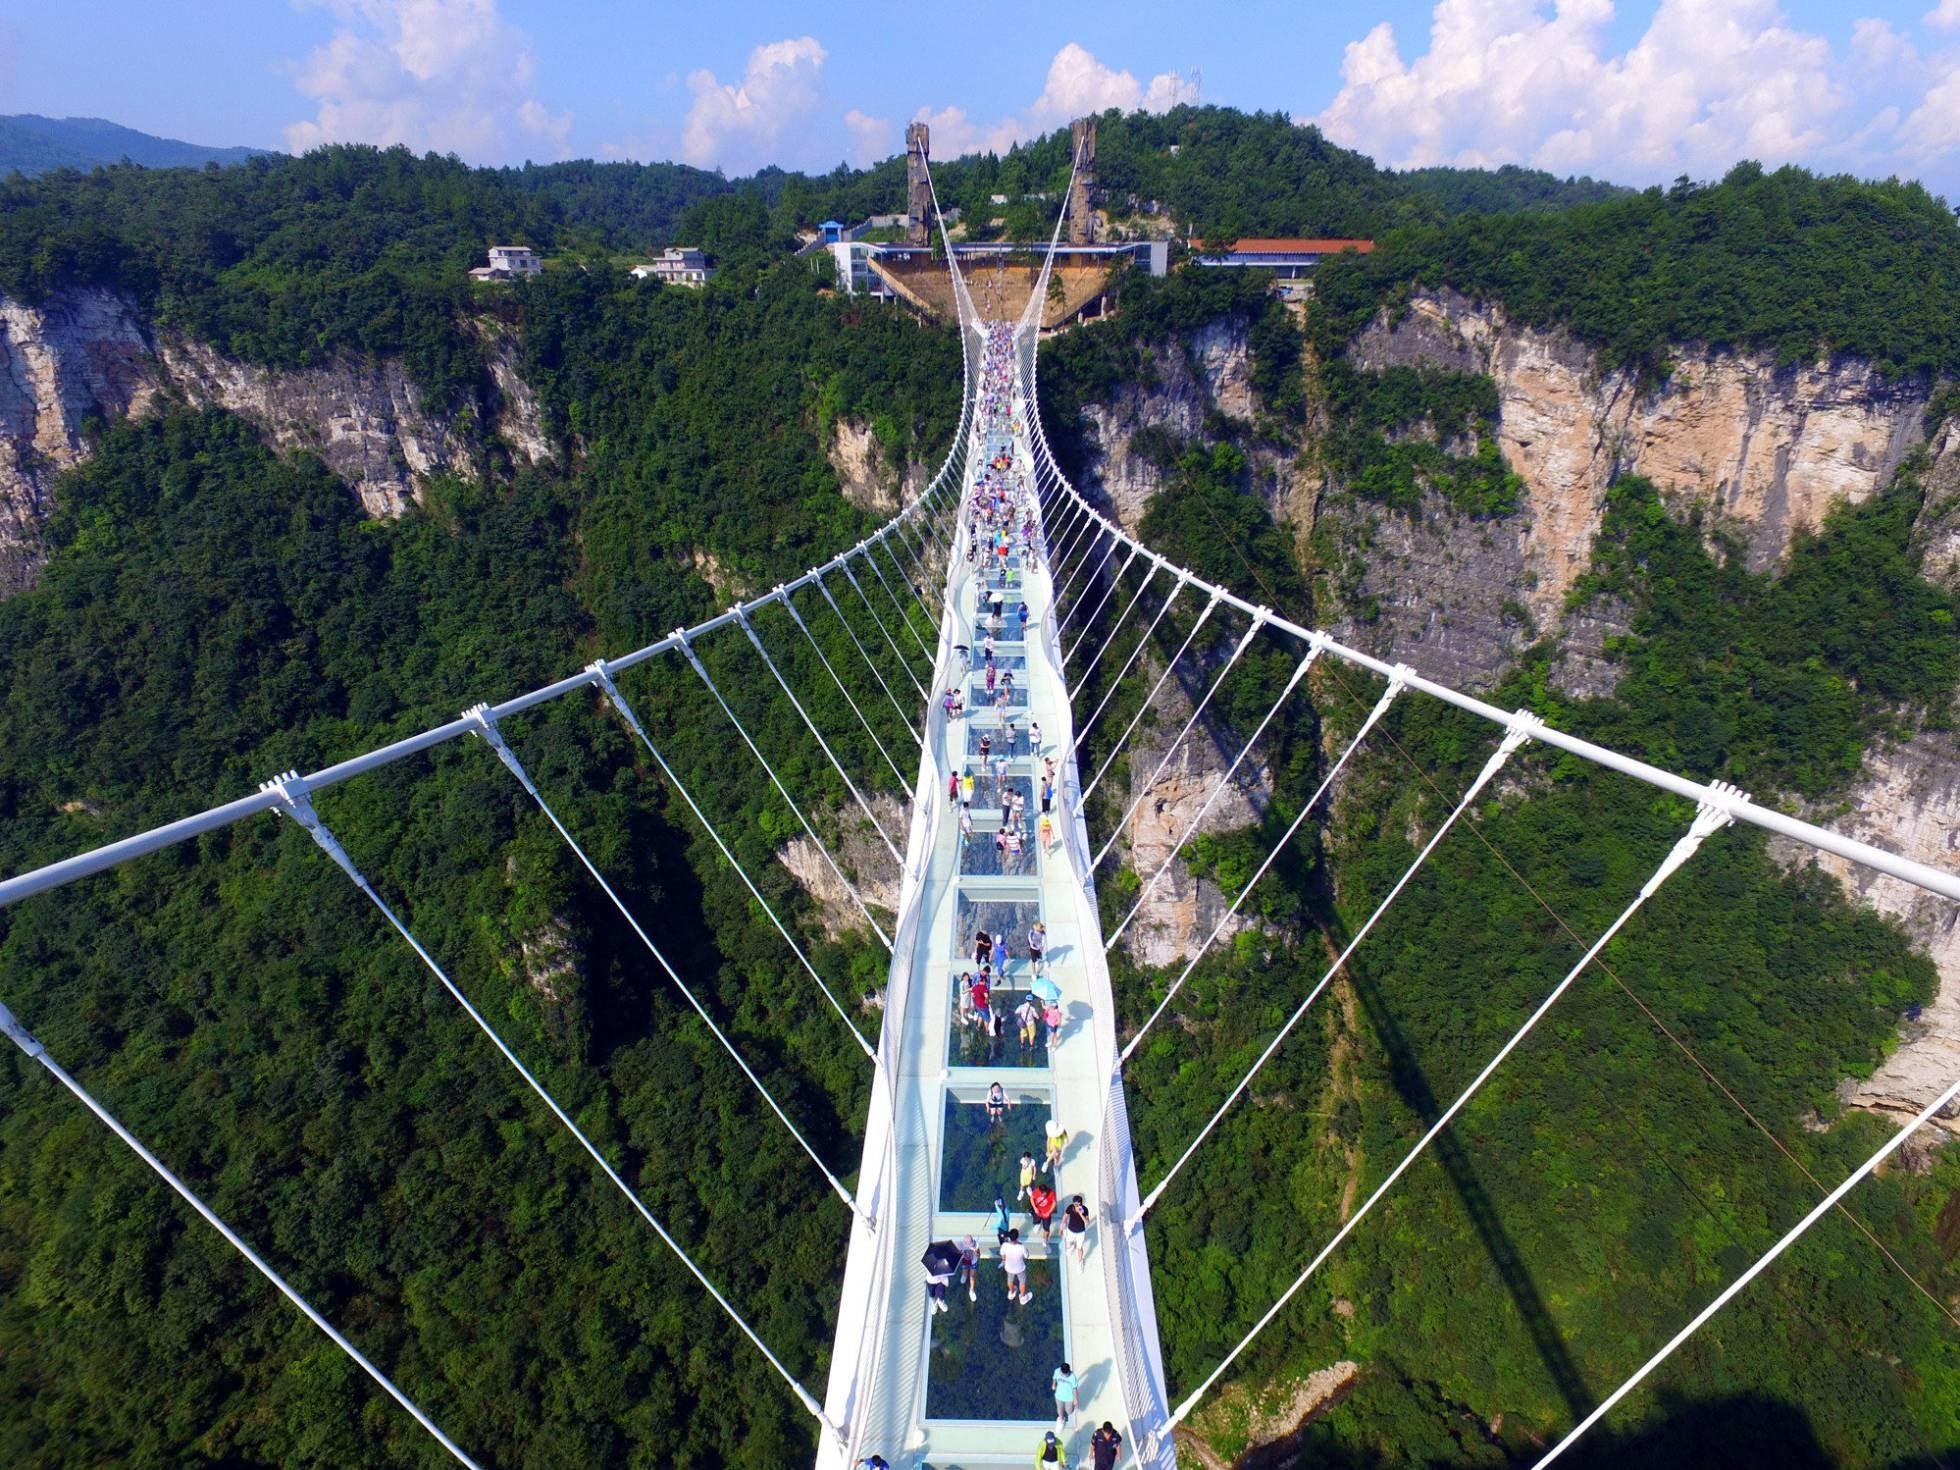 Zhangjiajie es uno de los parques naturales más visitados de China y está reconocido por la Unesco como Patrimonio de la Humanidad desde 1992.